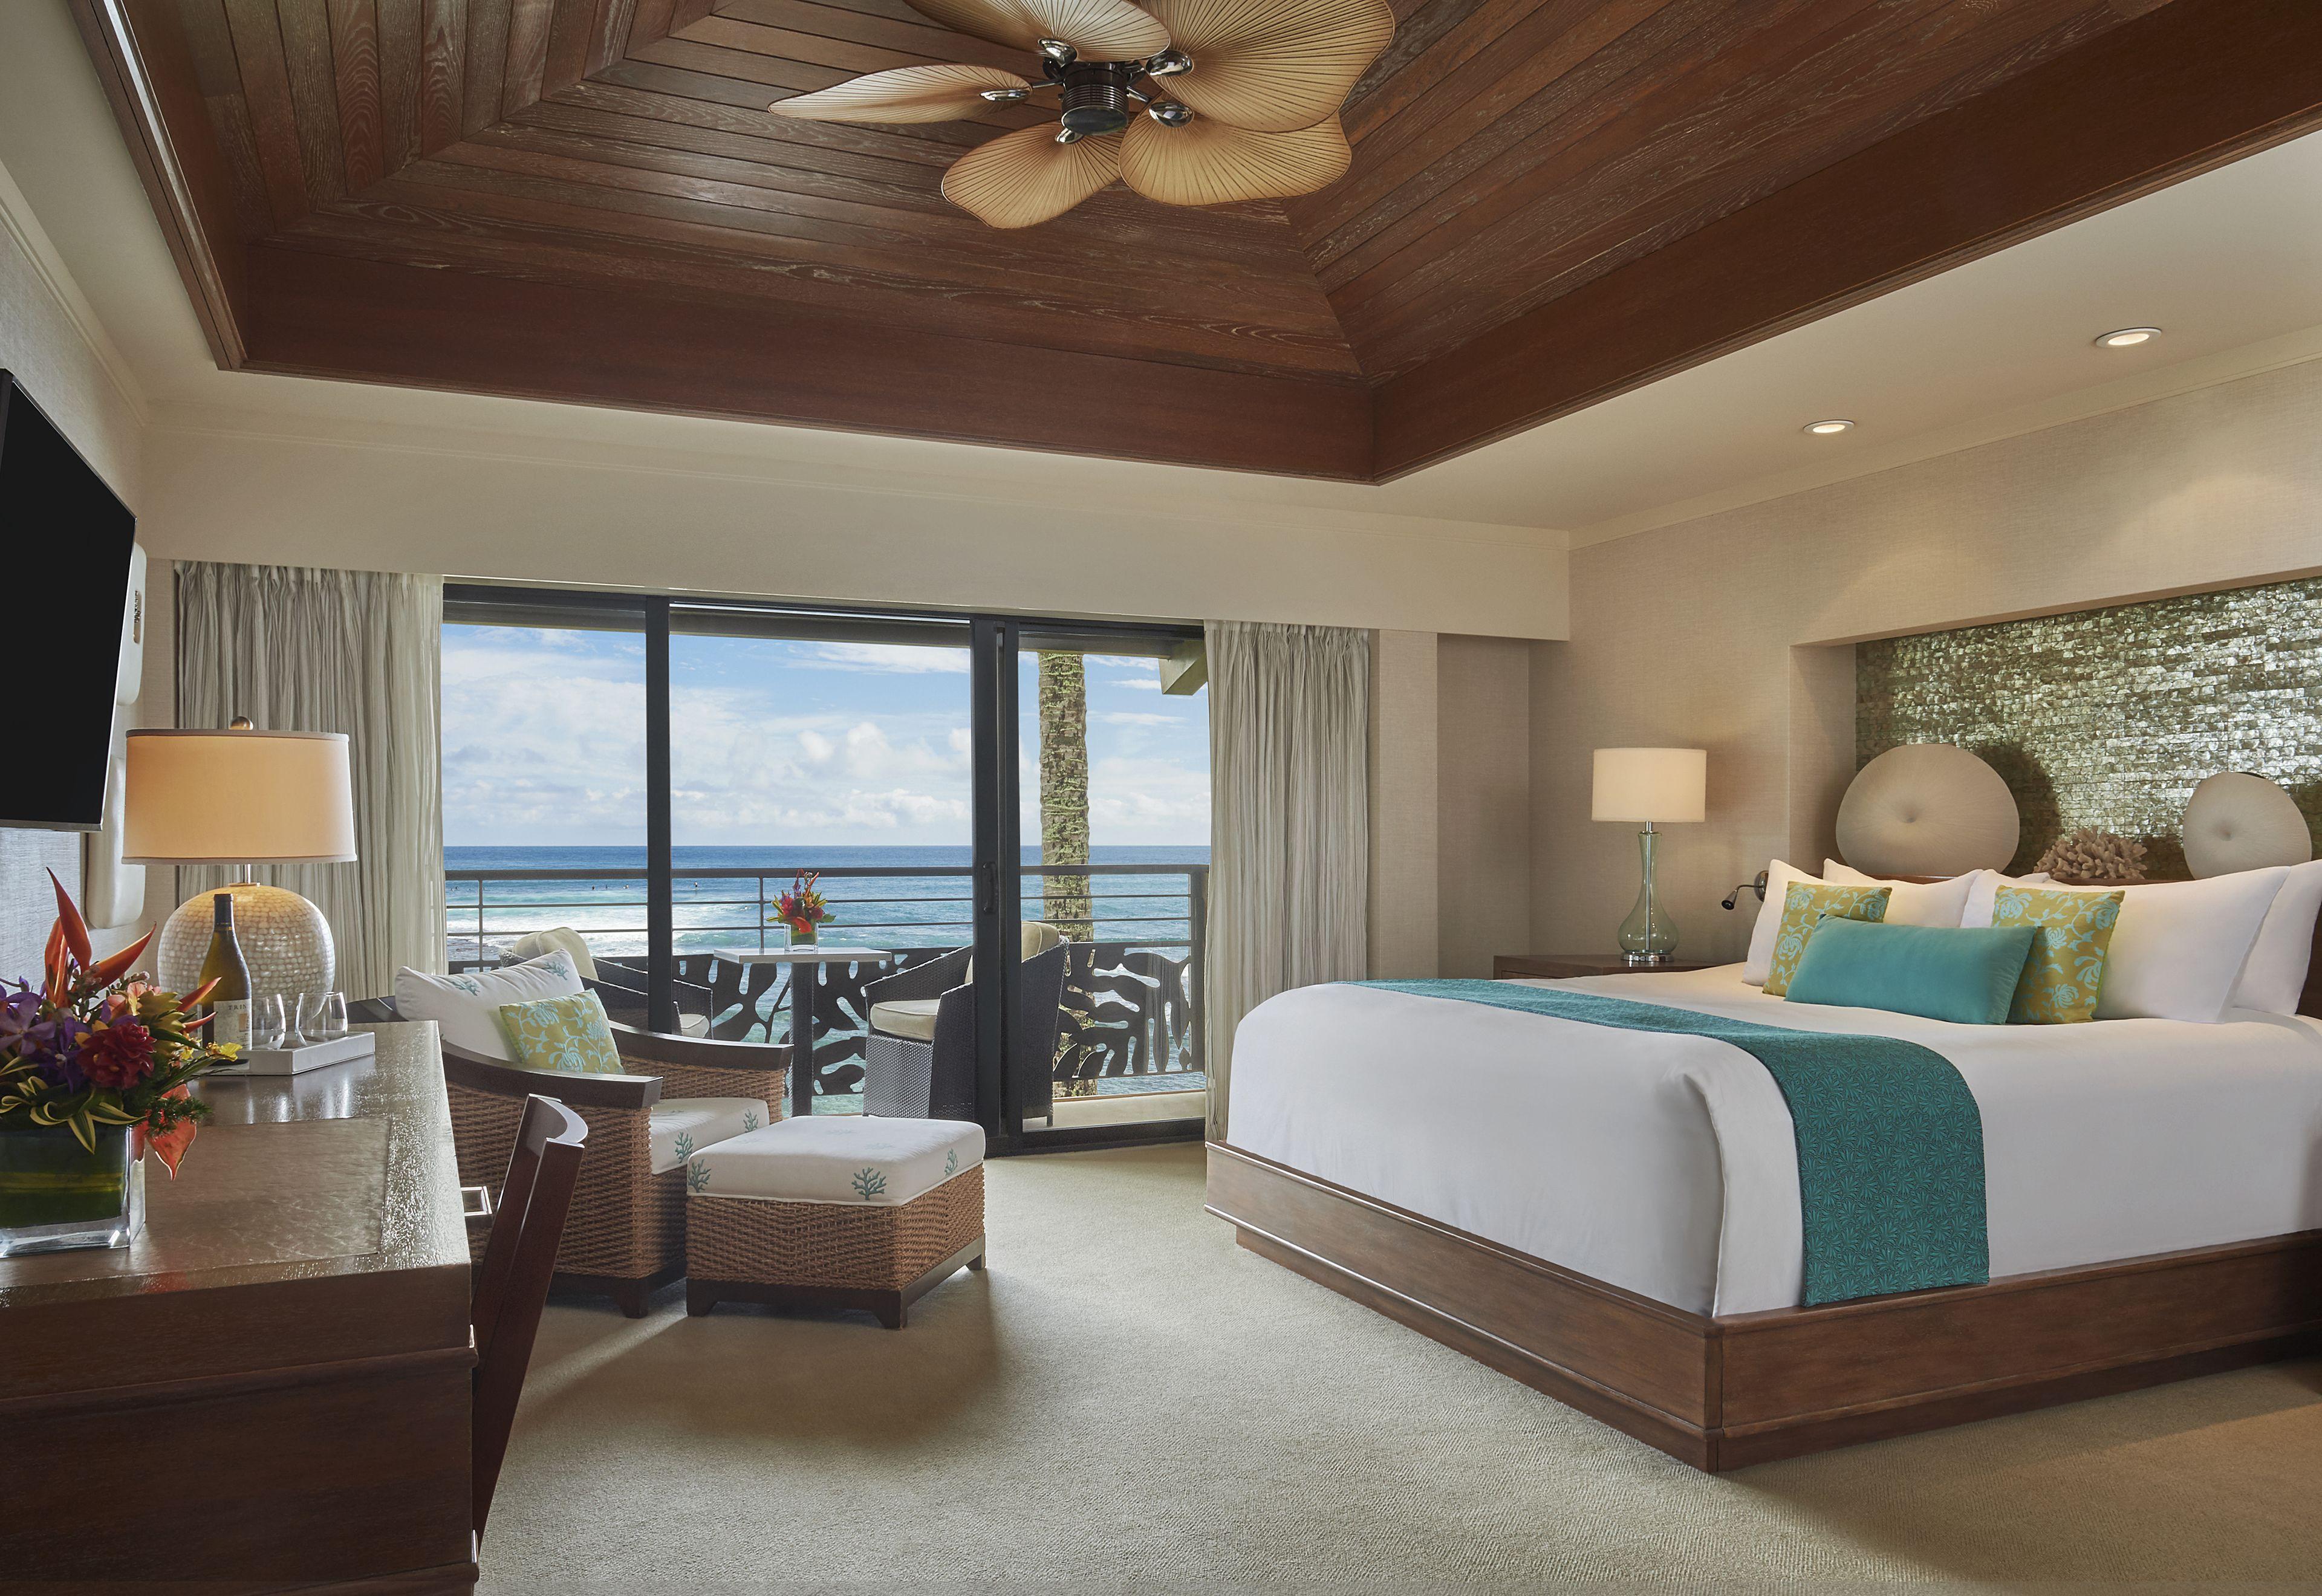 Courtesy of Ko'a Kea Hotel and Resort / Expedia.com